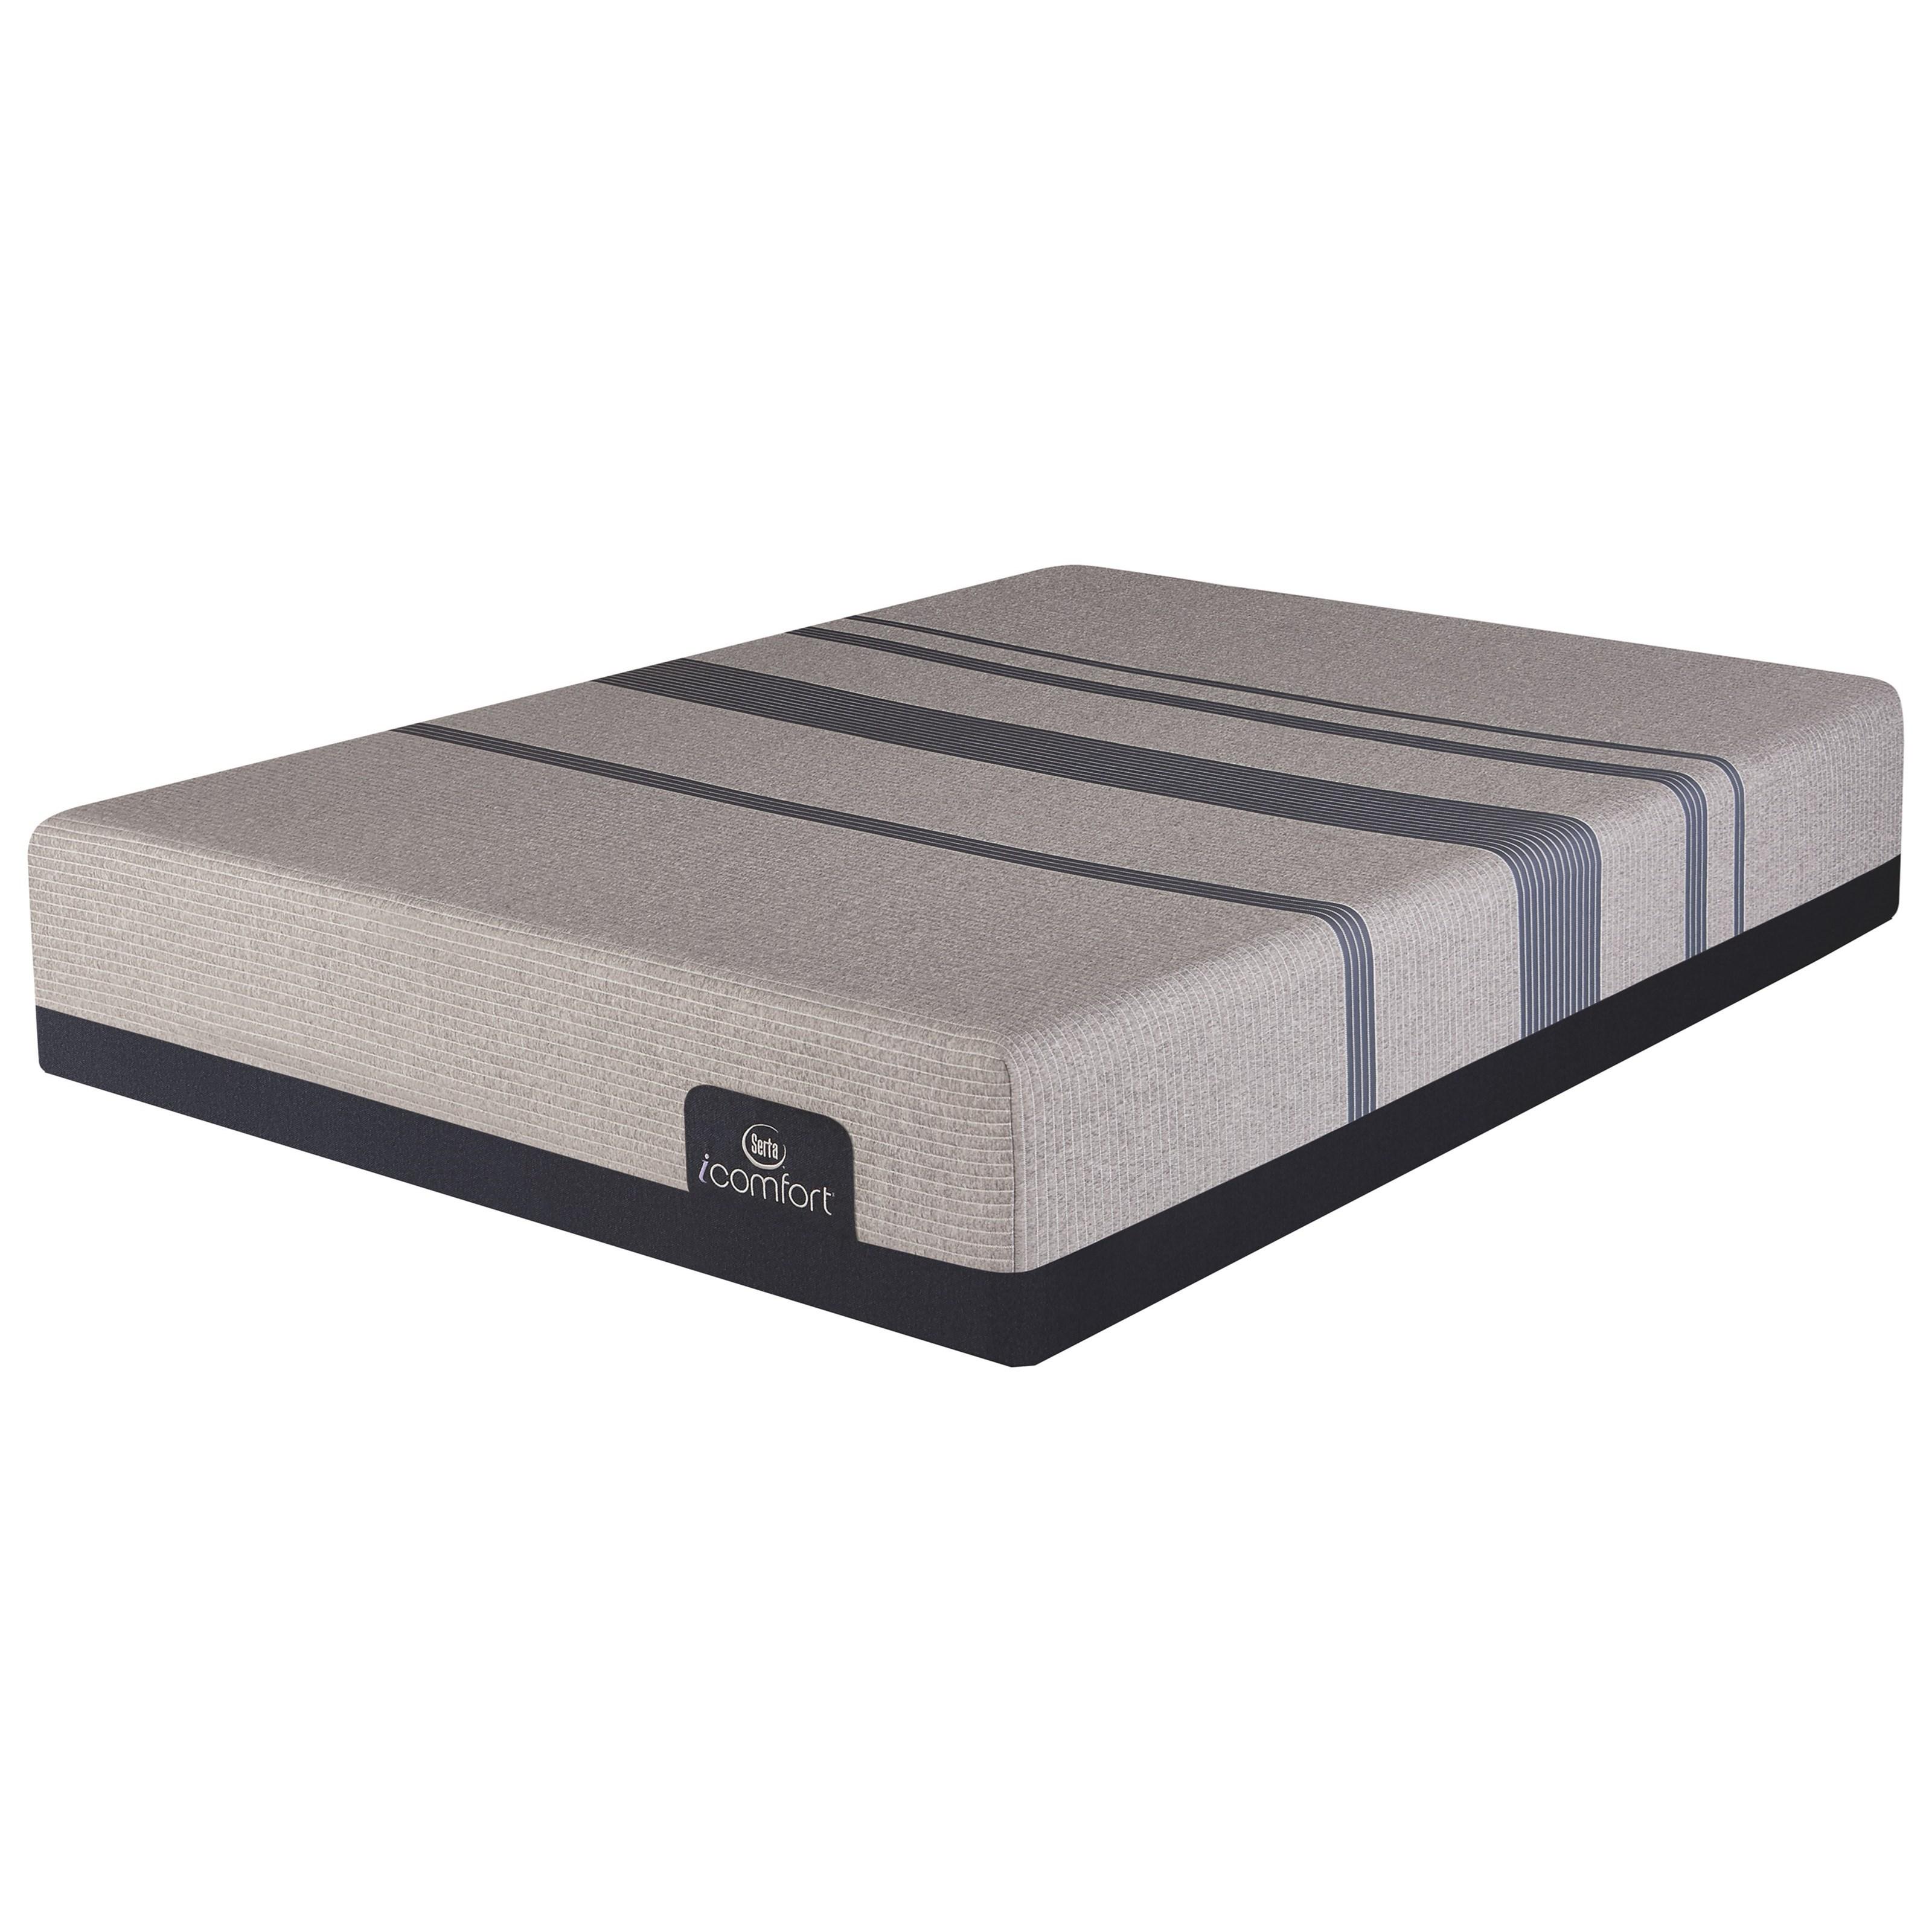 Serta iComfort Blue Max 3000 Elite Plush Queen Elite Plush Gel Memory Foam Adj Set - Item Number: 500802458-1050+500828319-7550